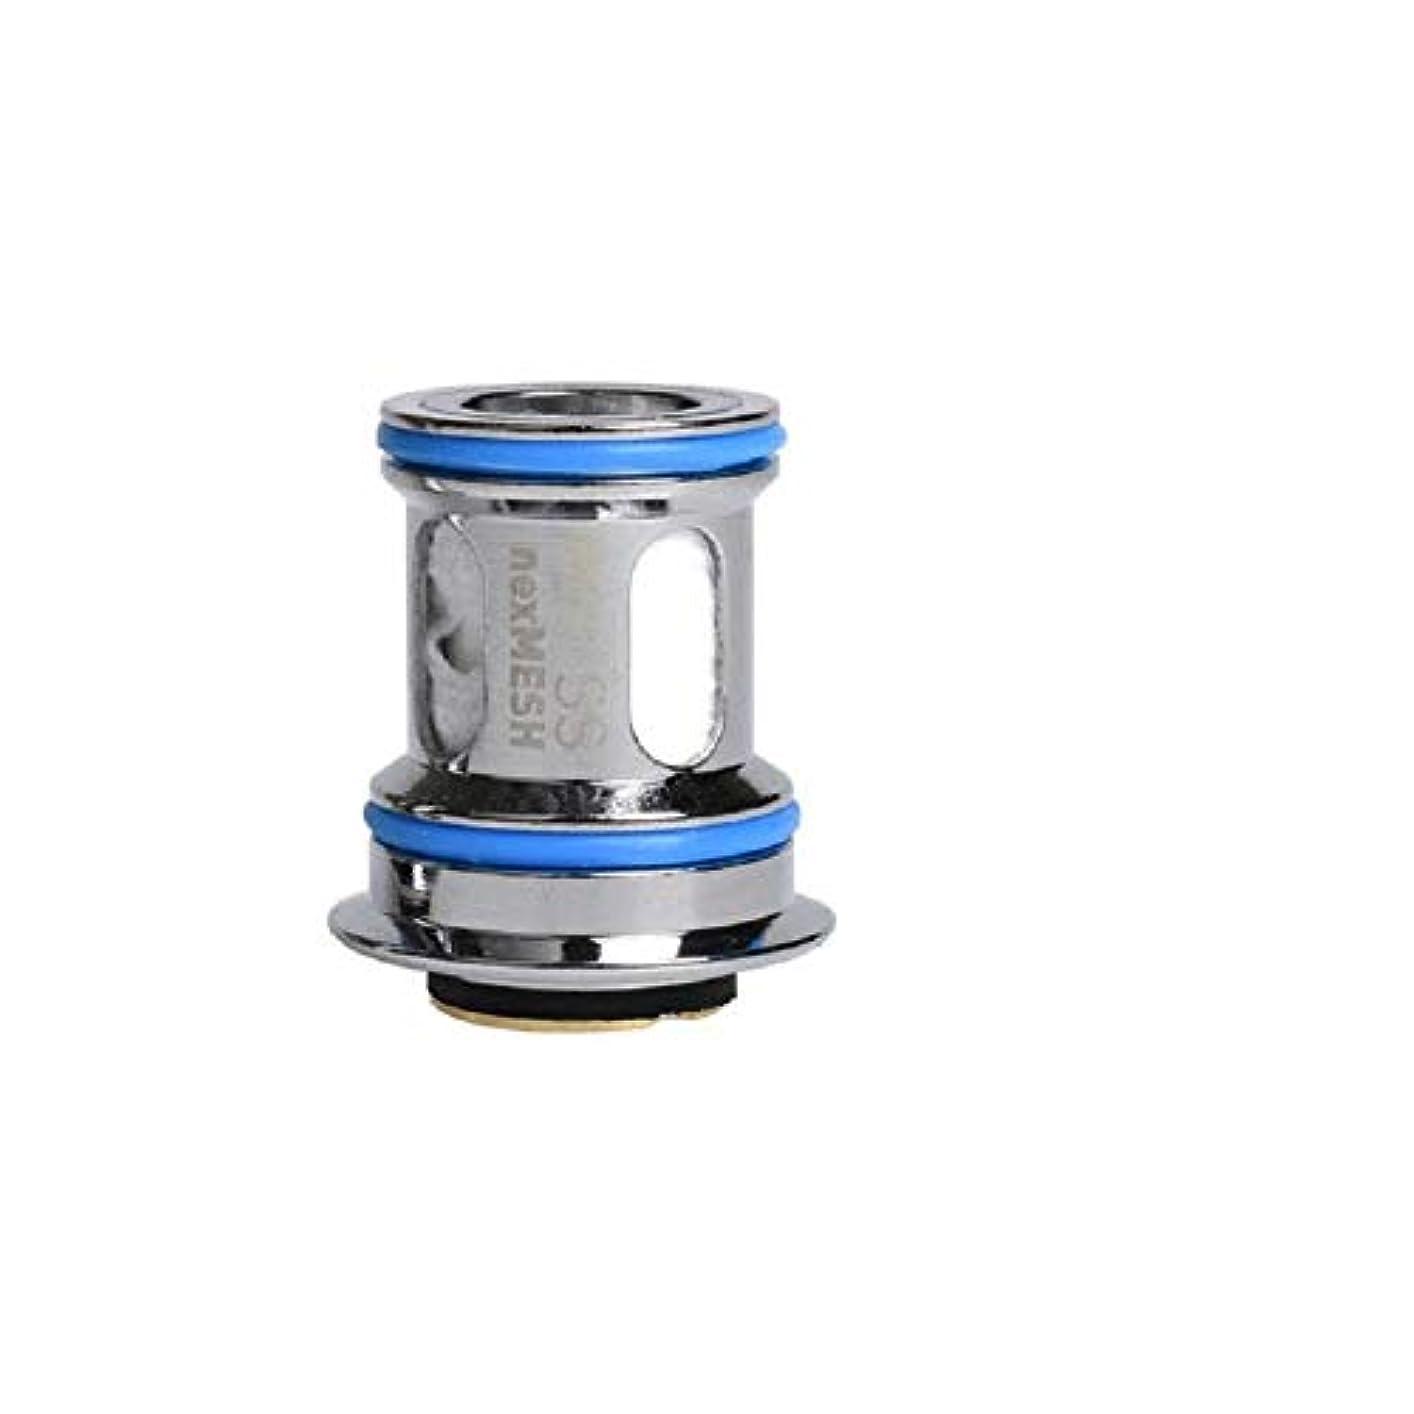 いたずらな仮称ボウリング正規品 OFRF nexMESH Conical Coil 2PCS/Pack 電子タバコ Vape コイルワイヤー Vapeアクセサリー (0.2ohm)